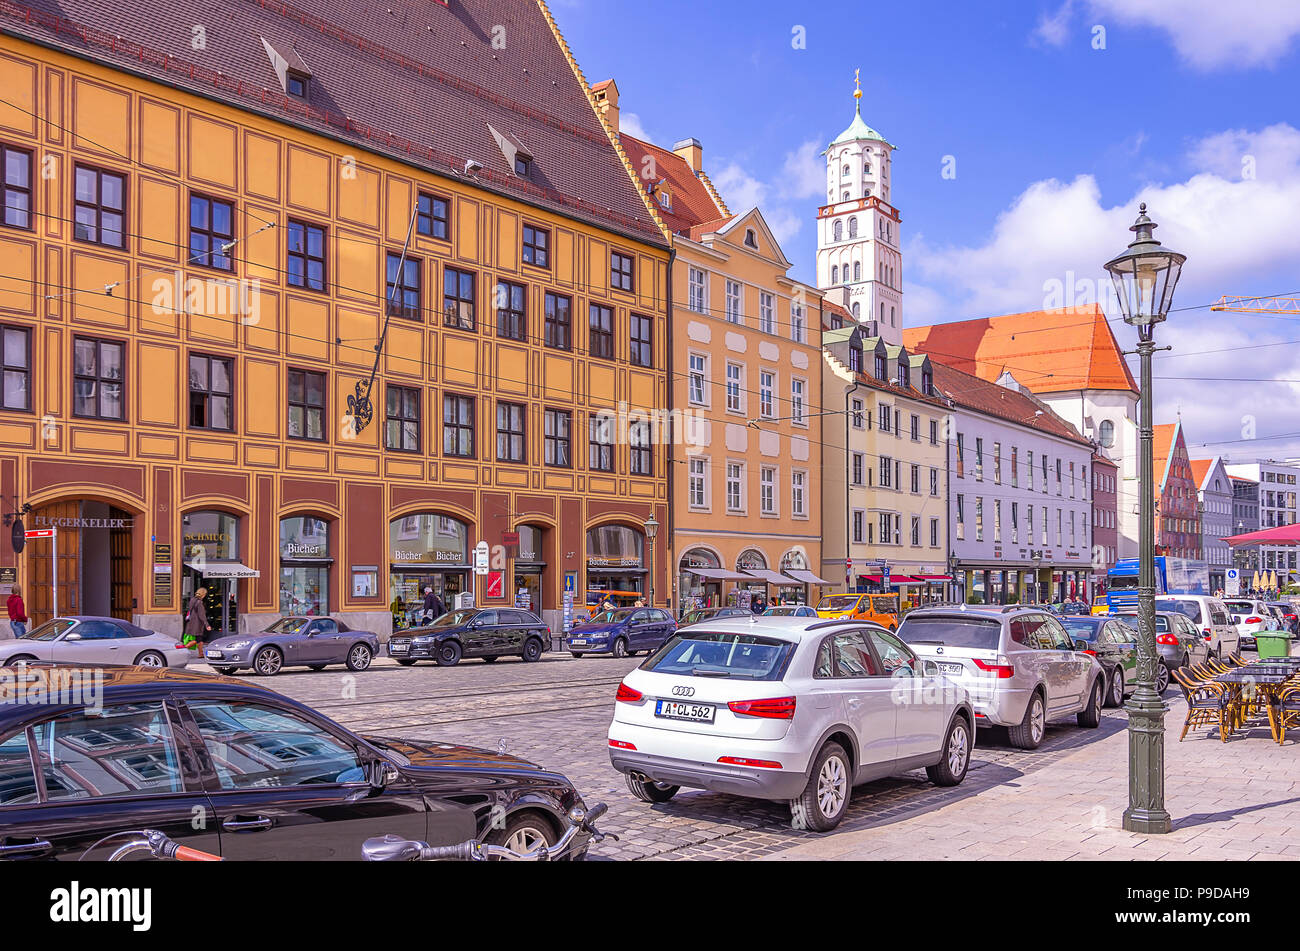 Augsburg, Bayern, Deutschland - Typische Straße Szene vor dem historischen Gebäude Ensemble von Fürst Fugger Privatbank auf Maxmilian Straße. Augsburg, Stockfoto